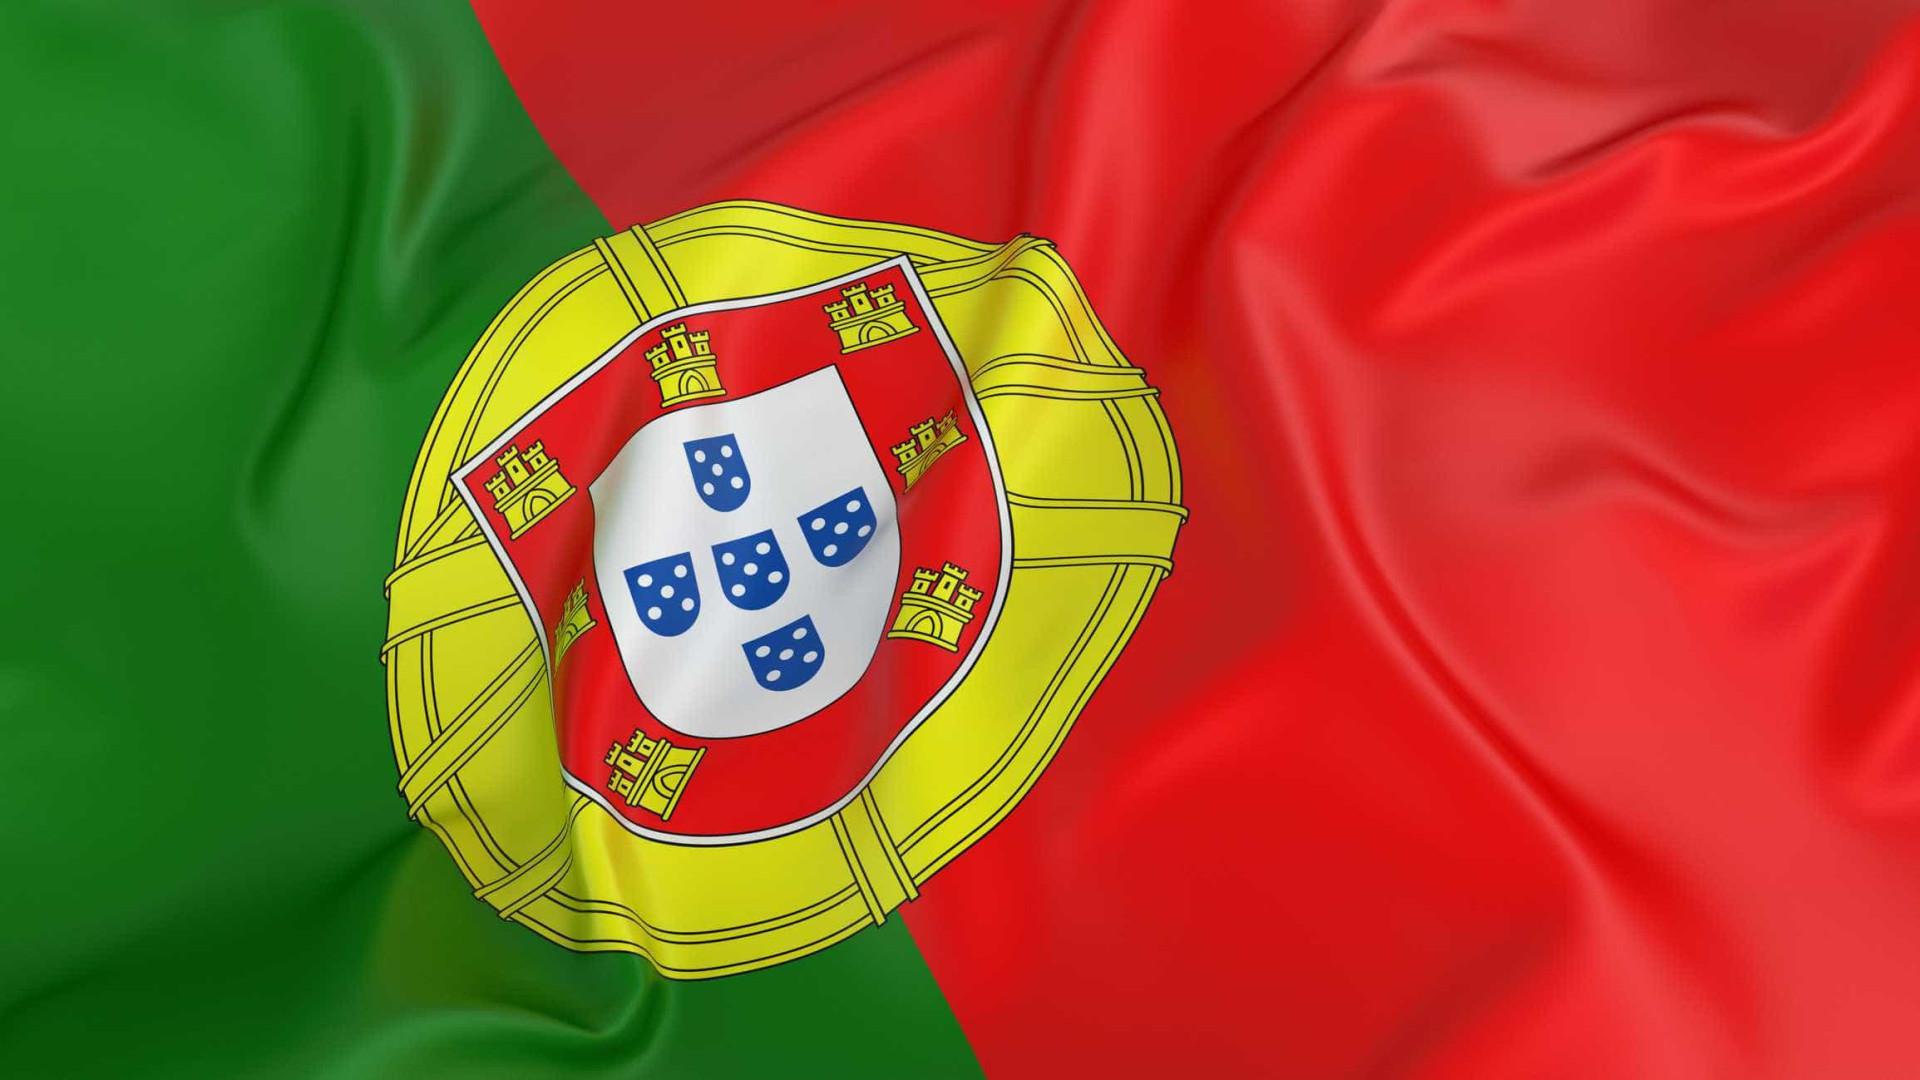 Portugal sétimo classificado nos 4x100 metros masculinos nos Europeus